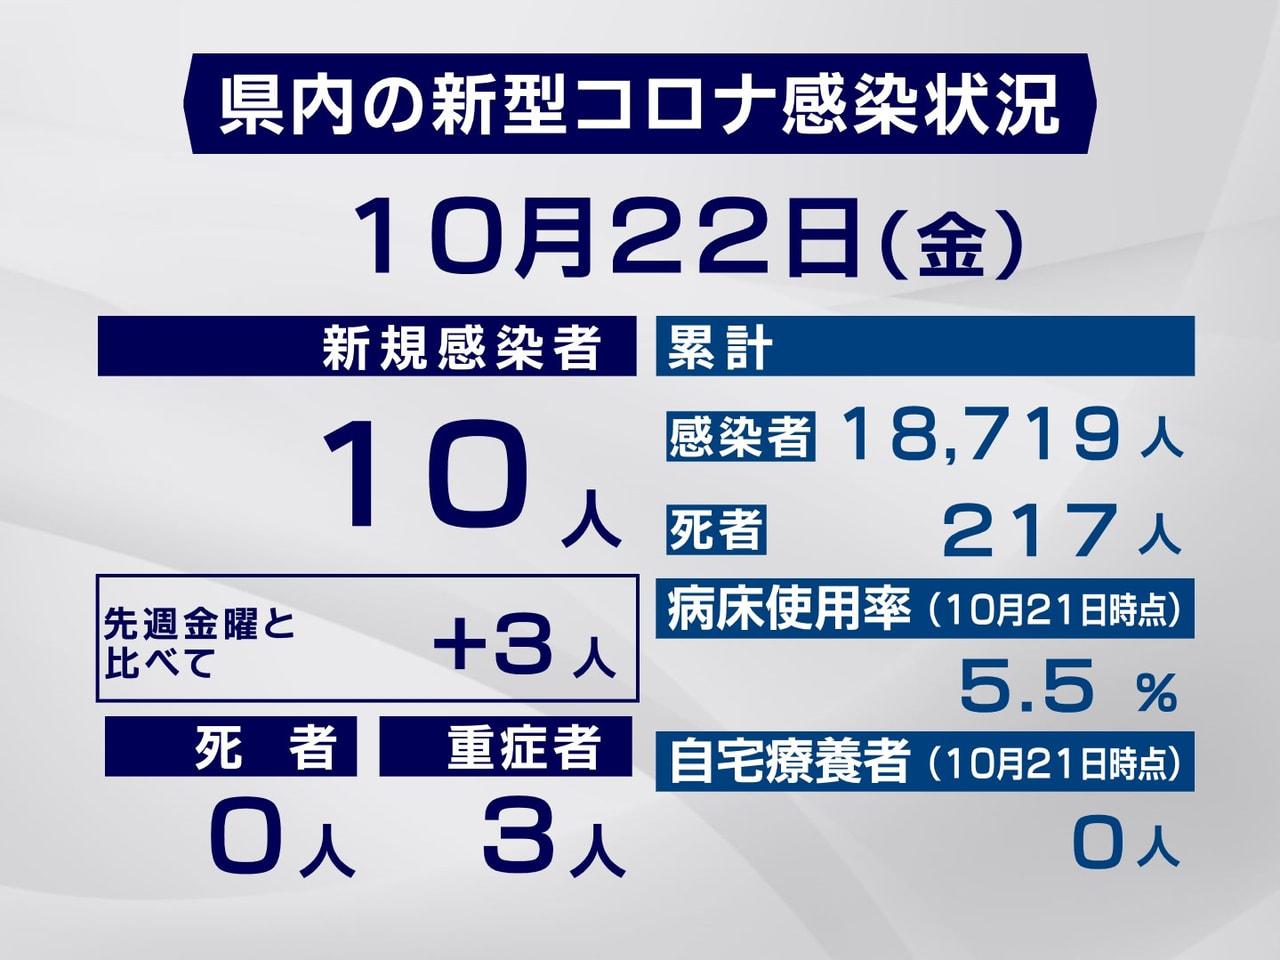 岐阜県と岐阜市は、22日、新型コロナウイルスの感染が新たに10人確認されたと発表...